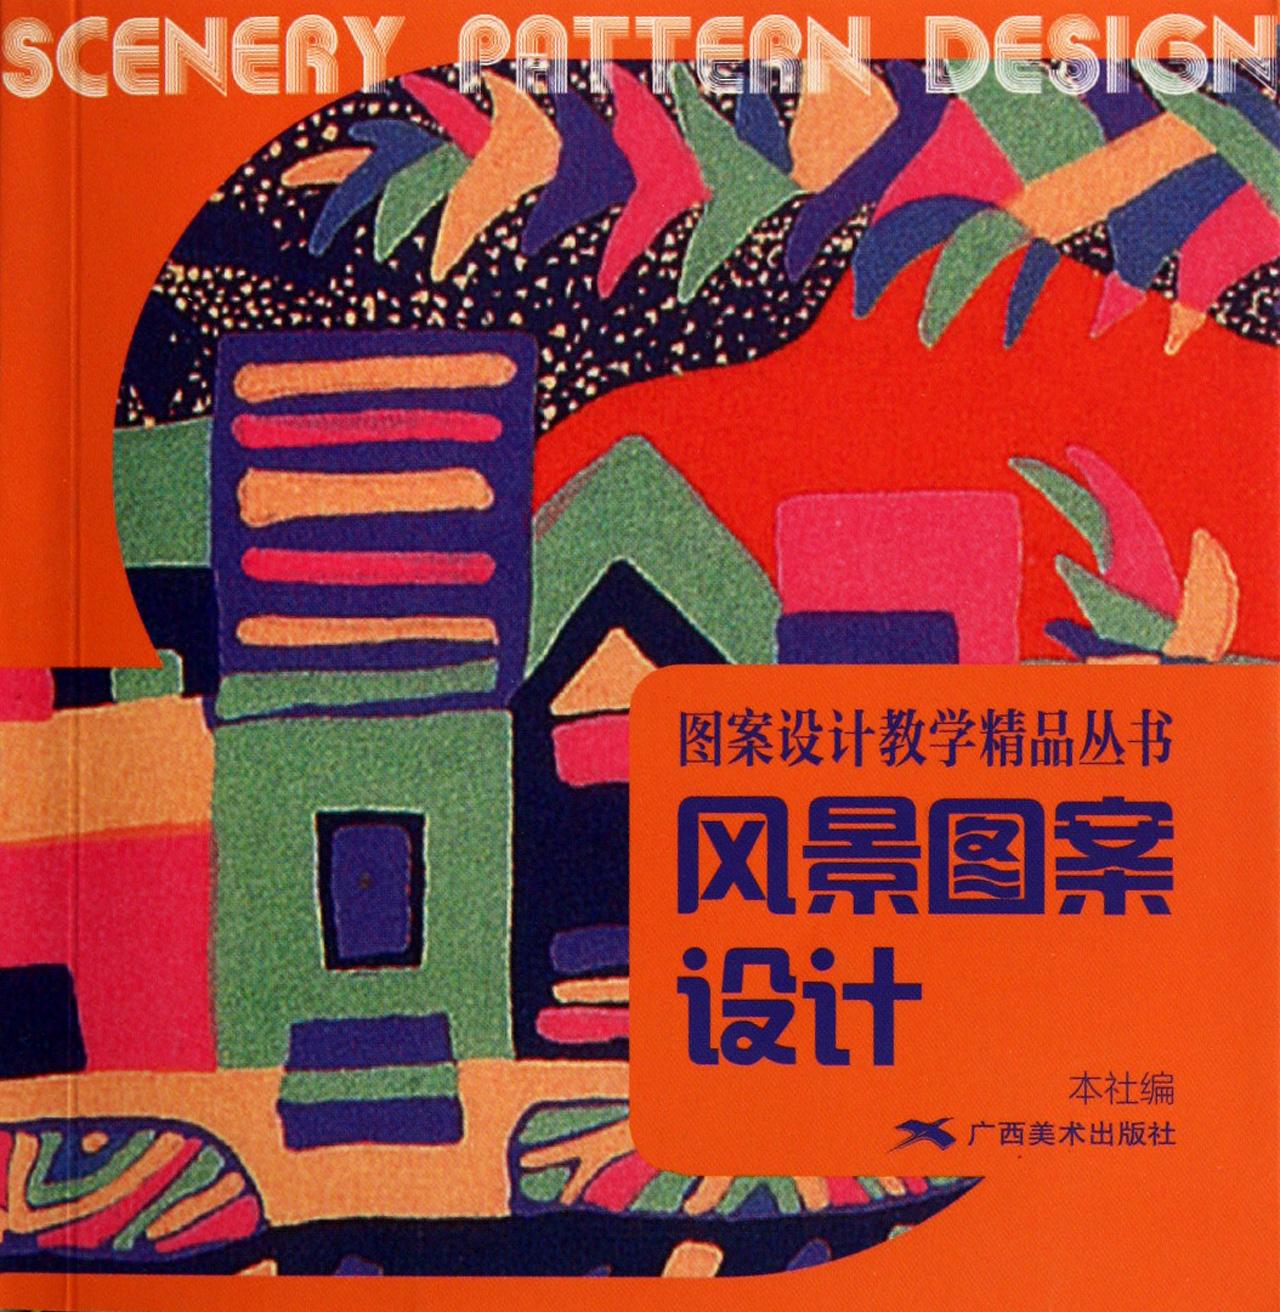 风景图案设计-博库网